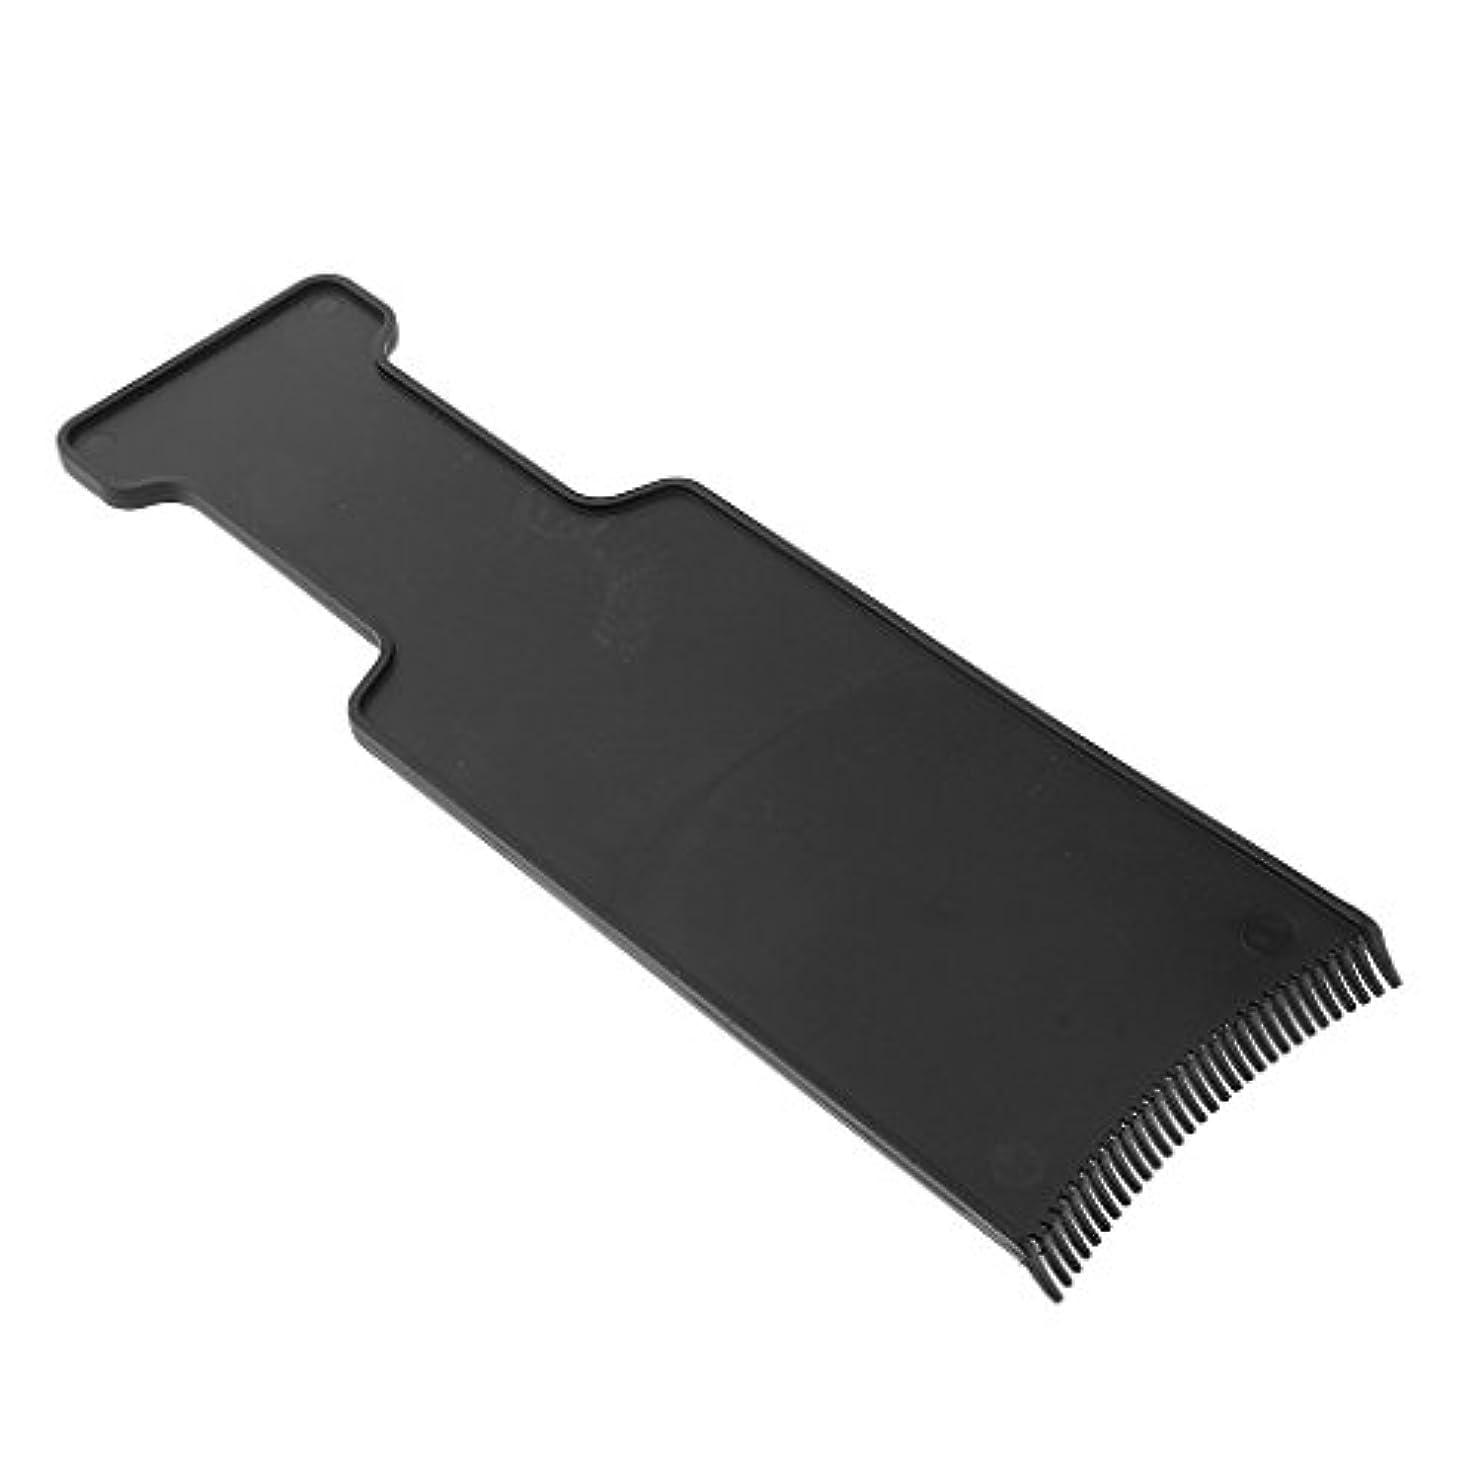 醜い不適当アクセシブルKesoto サロン ヘアカラー ボード ヘアカラーティント 美容 ヘア ツール 髪 保護 ブラック 全4サイズ - M